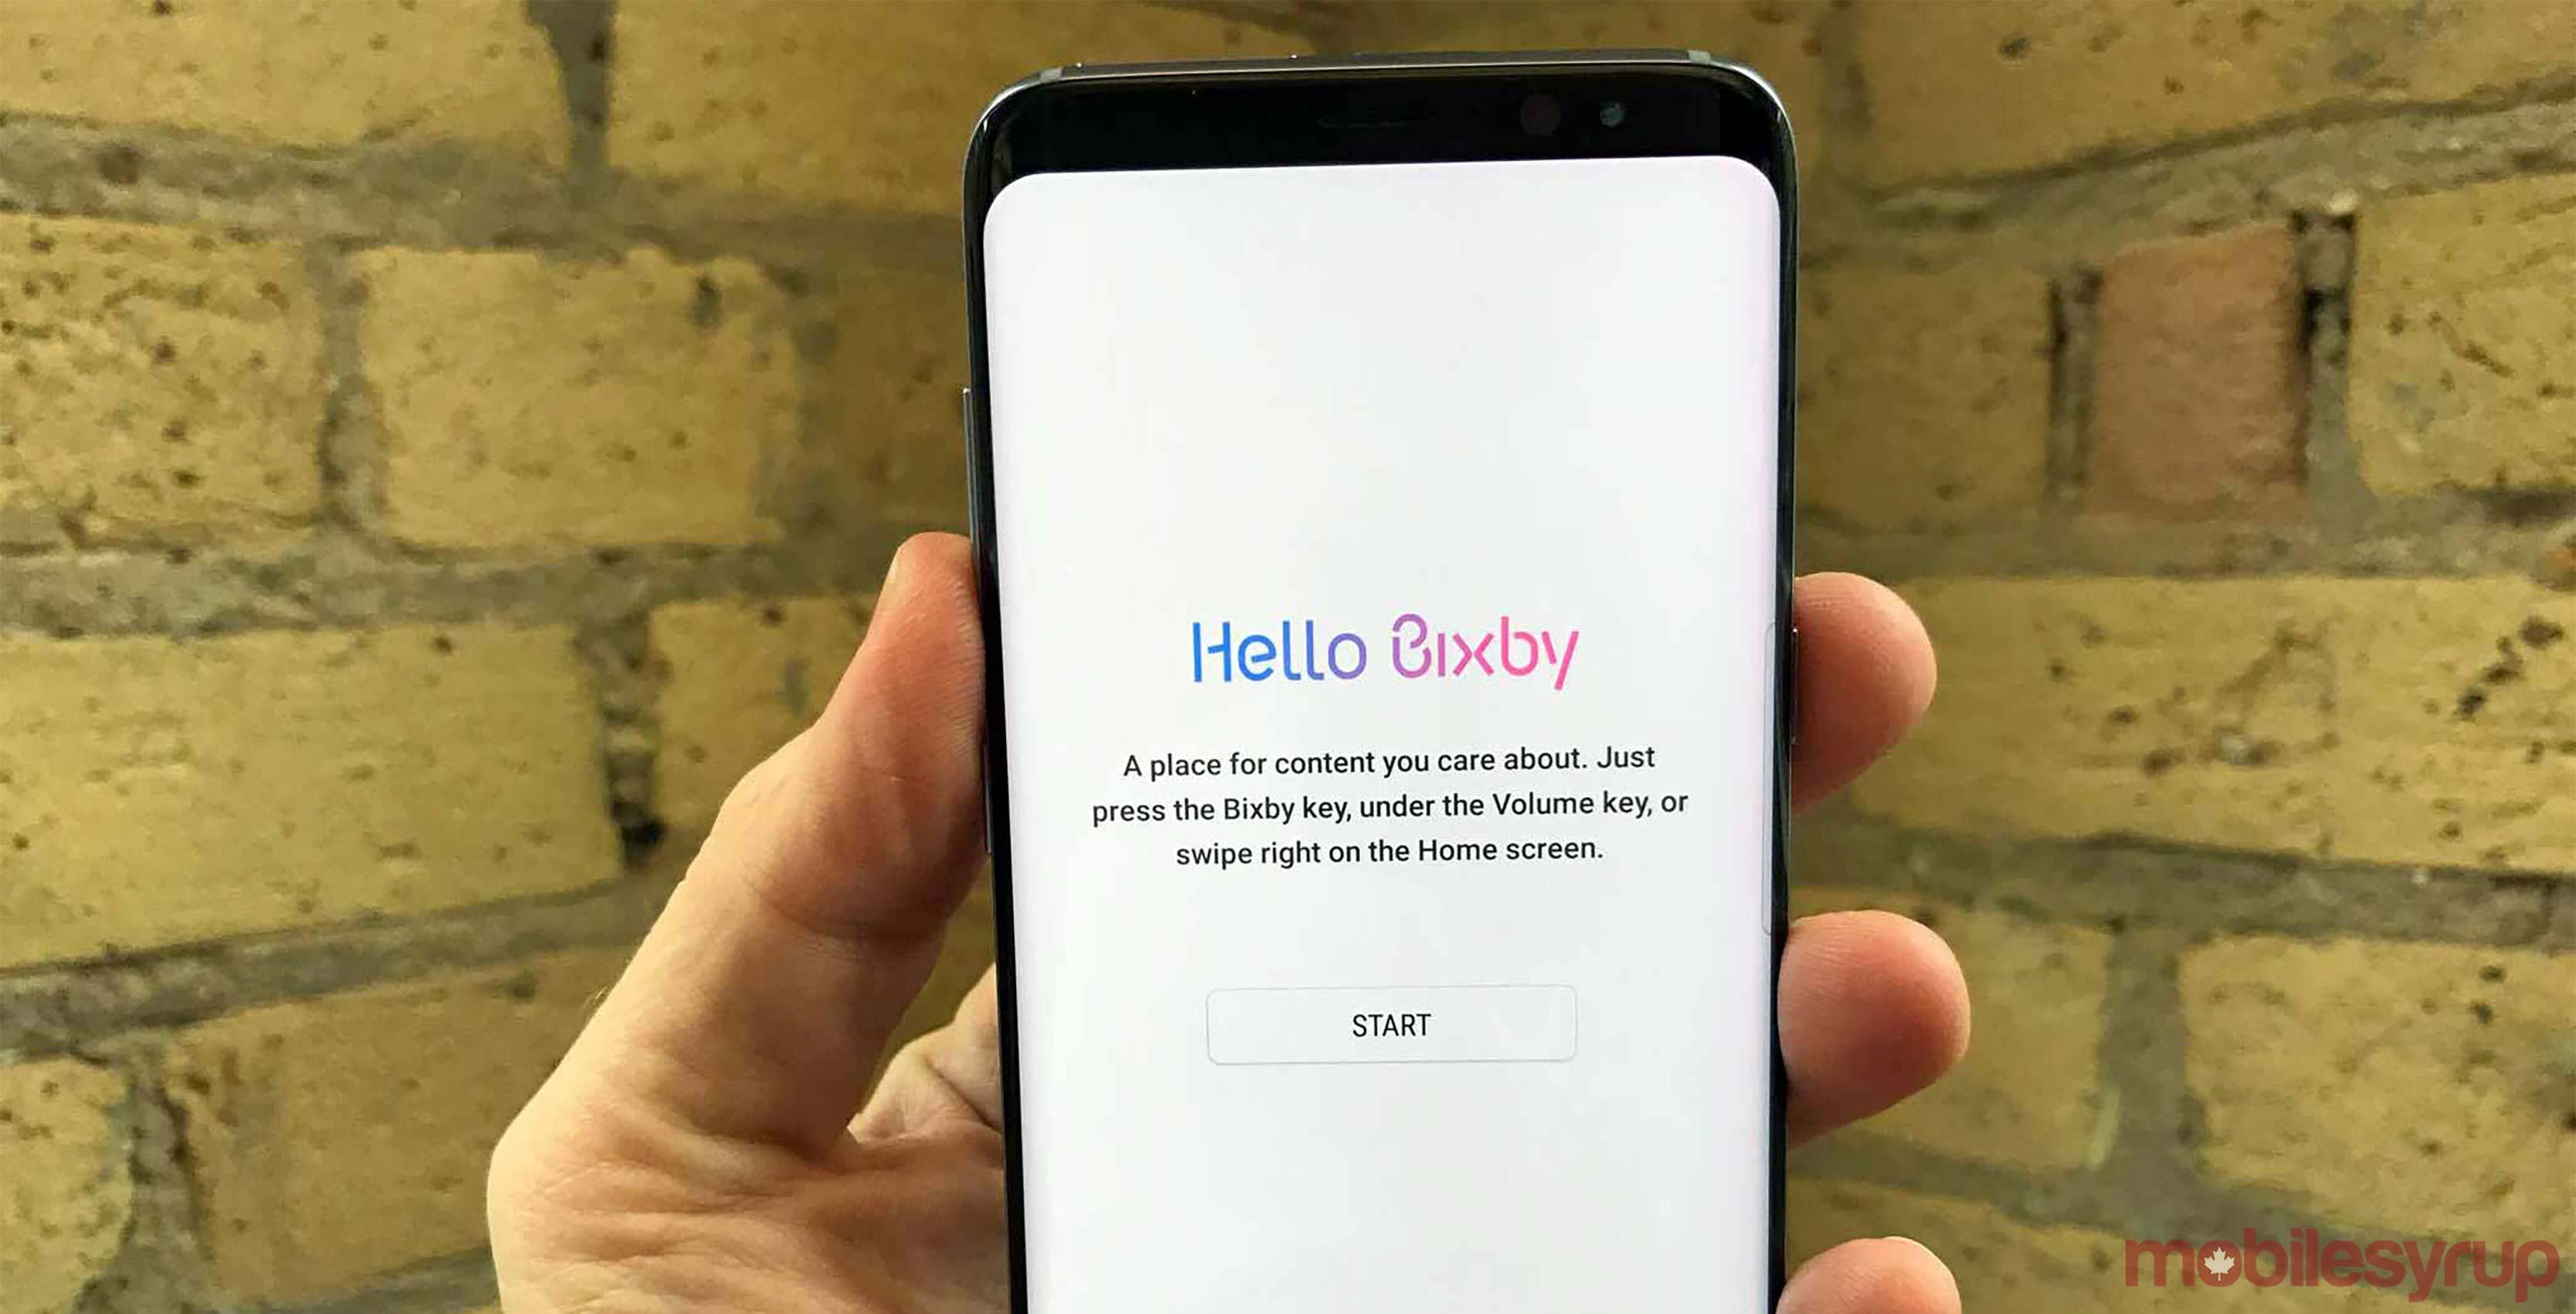 Hello Bixby on smartphone